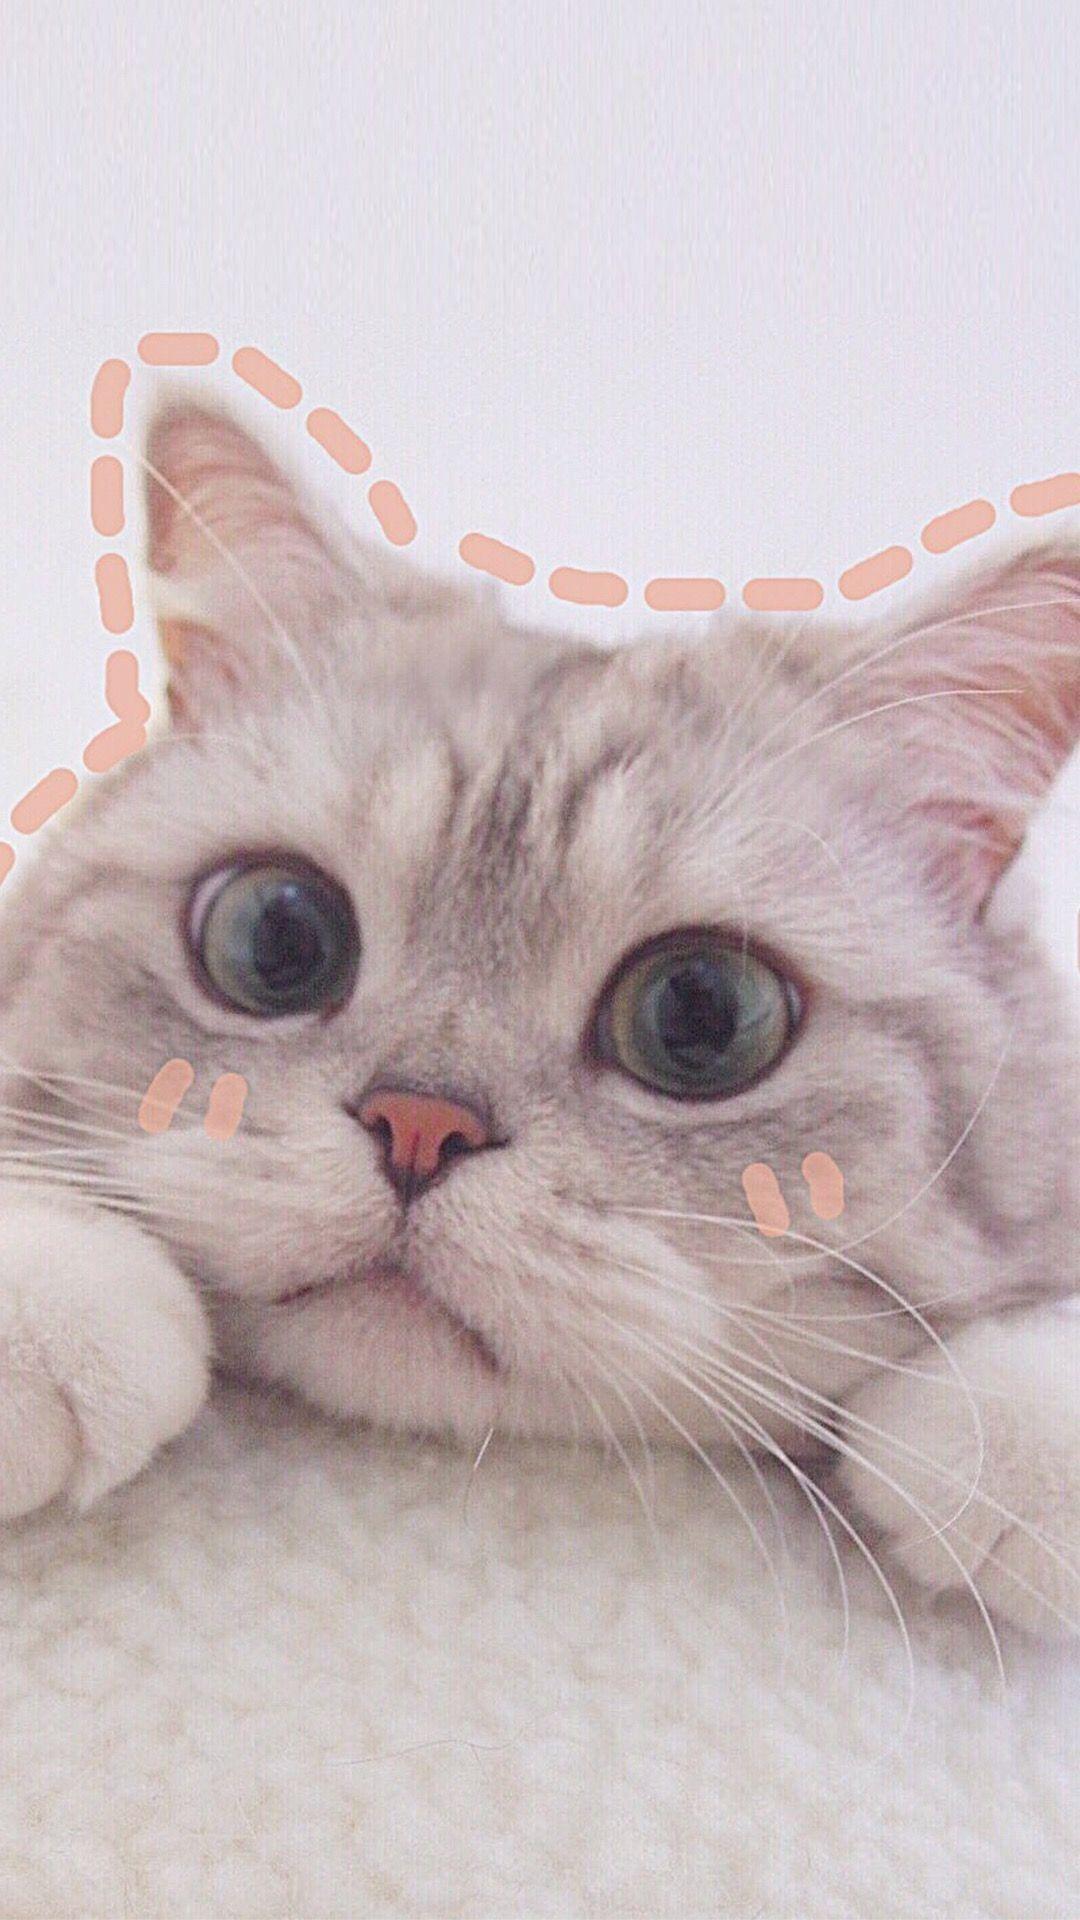 Pin Oleh Finn Di Just Cat Things Dengan Gambar